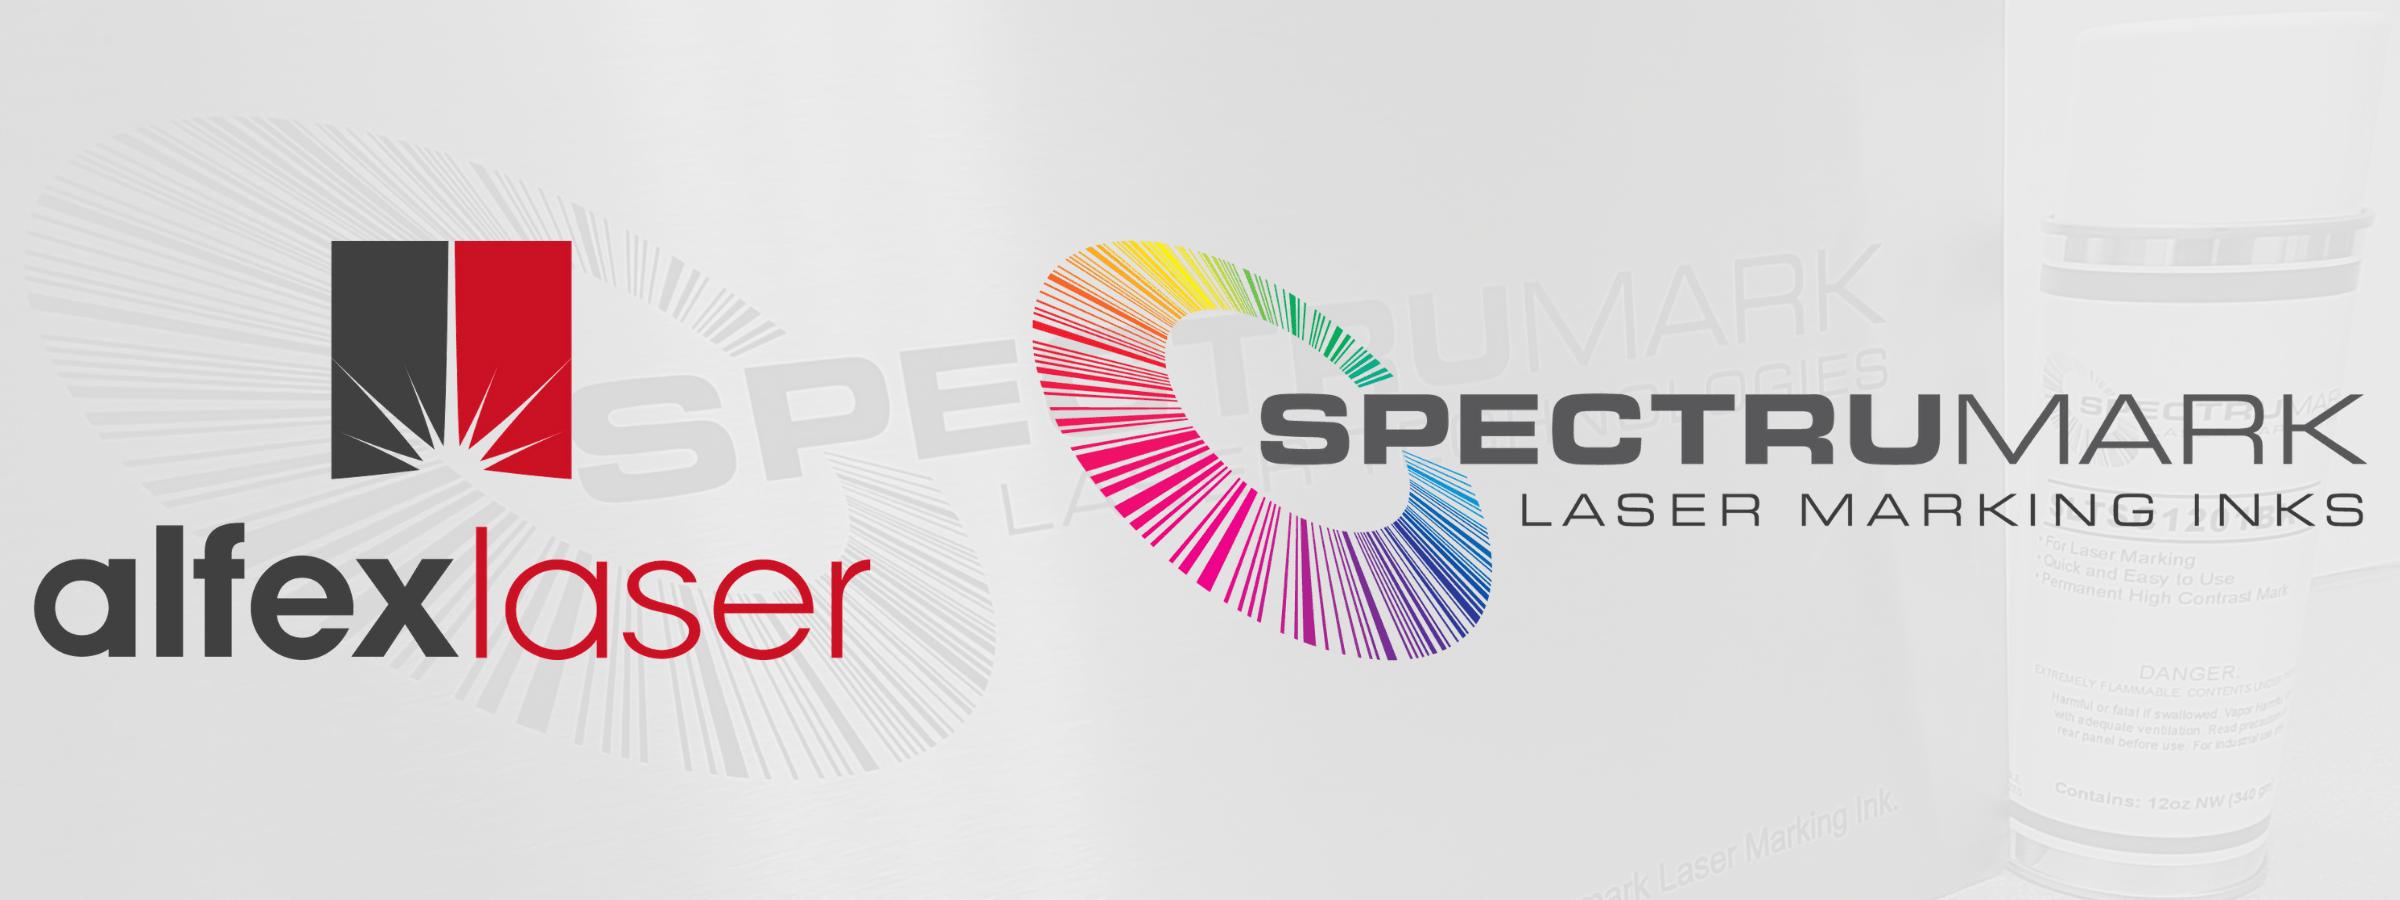 Spectrumark